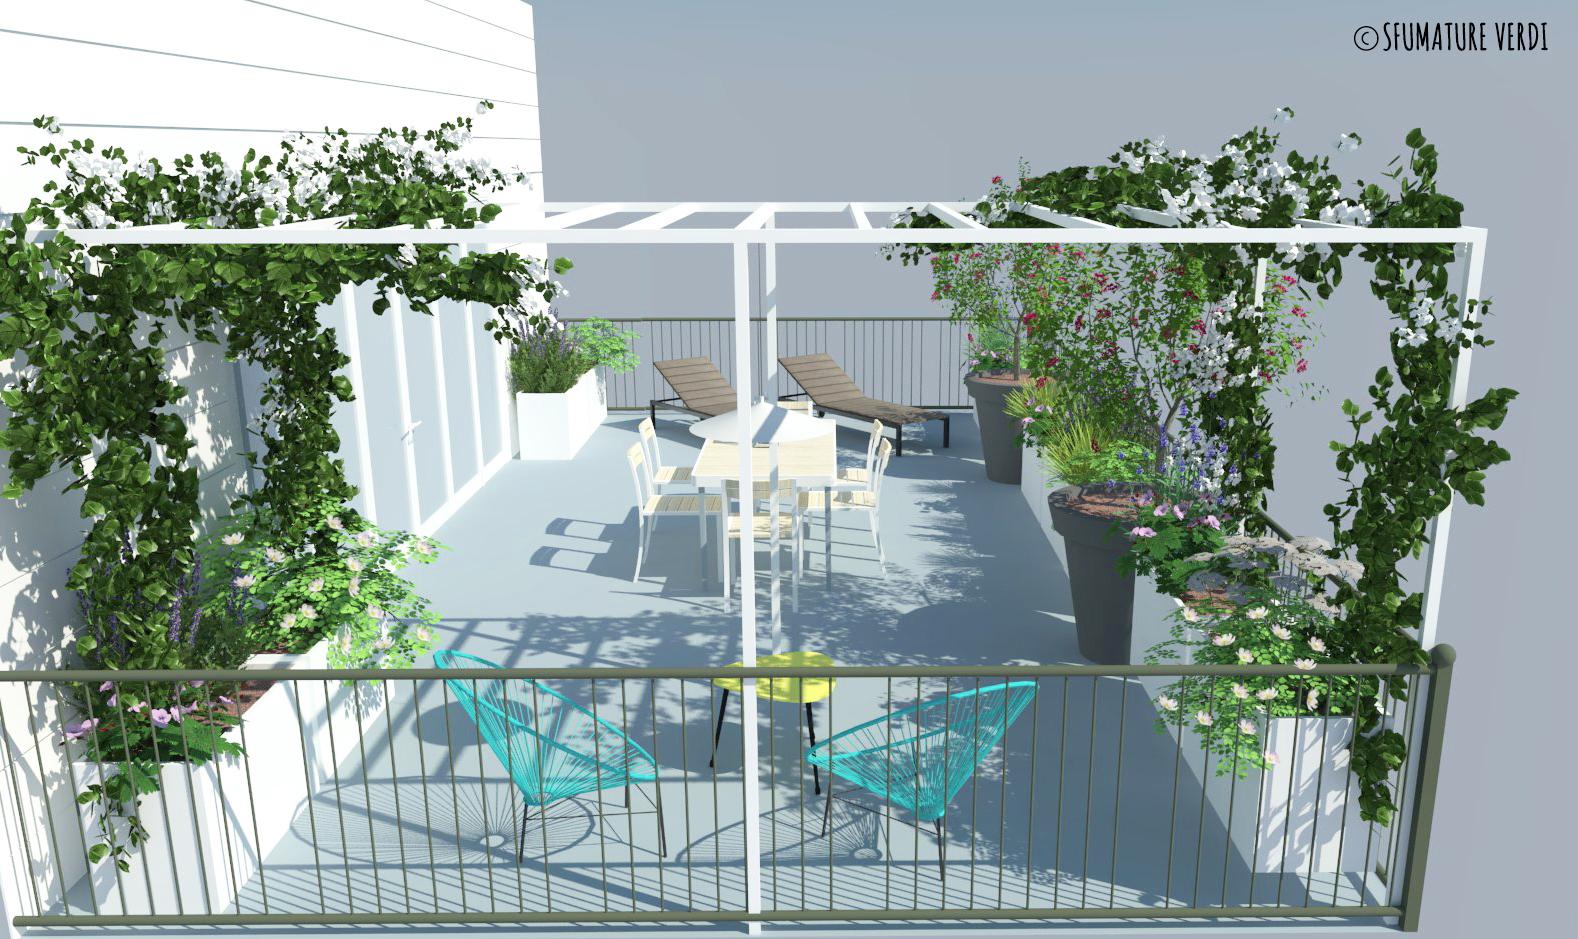 Terrazzo tra fiori e relax sfumature verdi for Fiori per balconi soleggiati